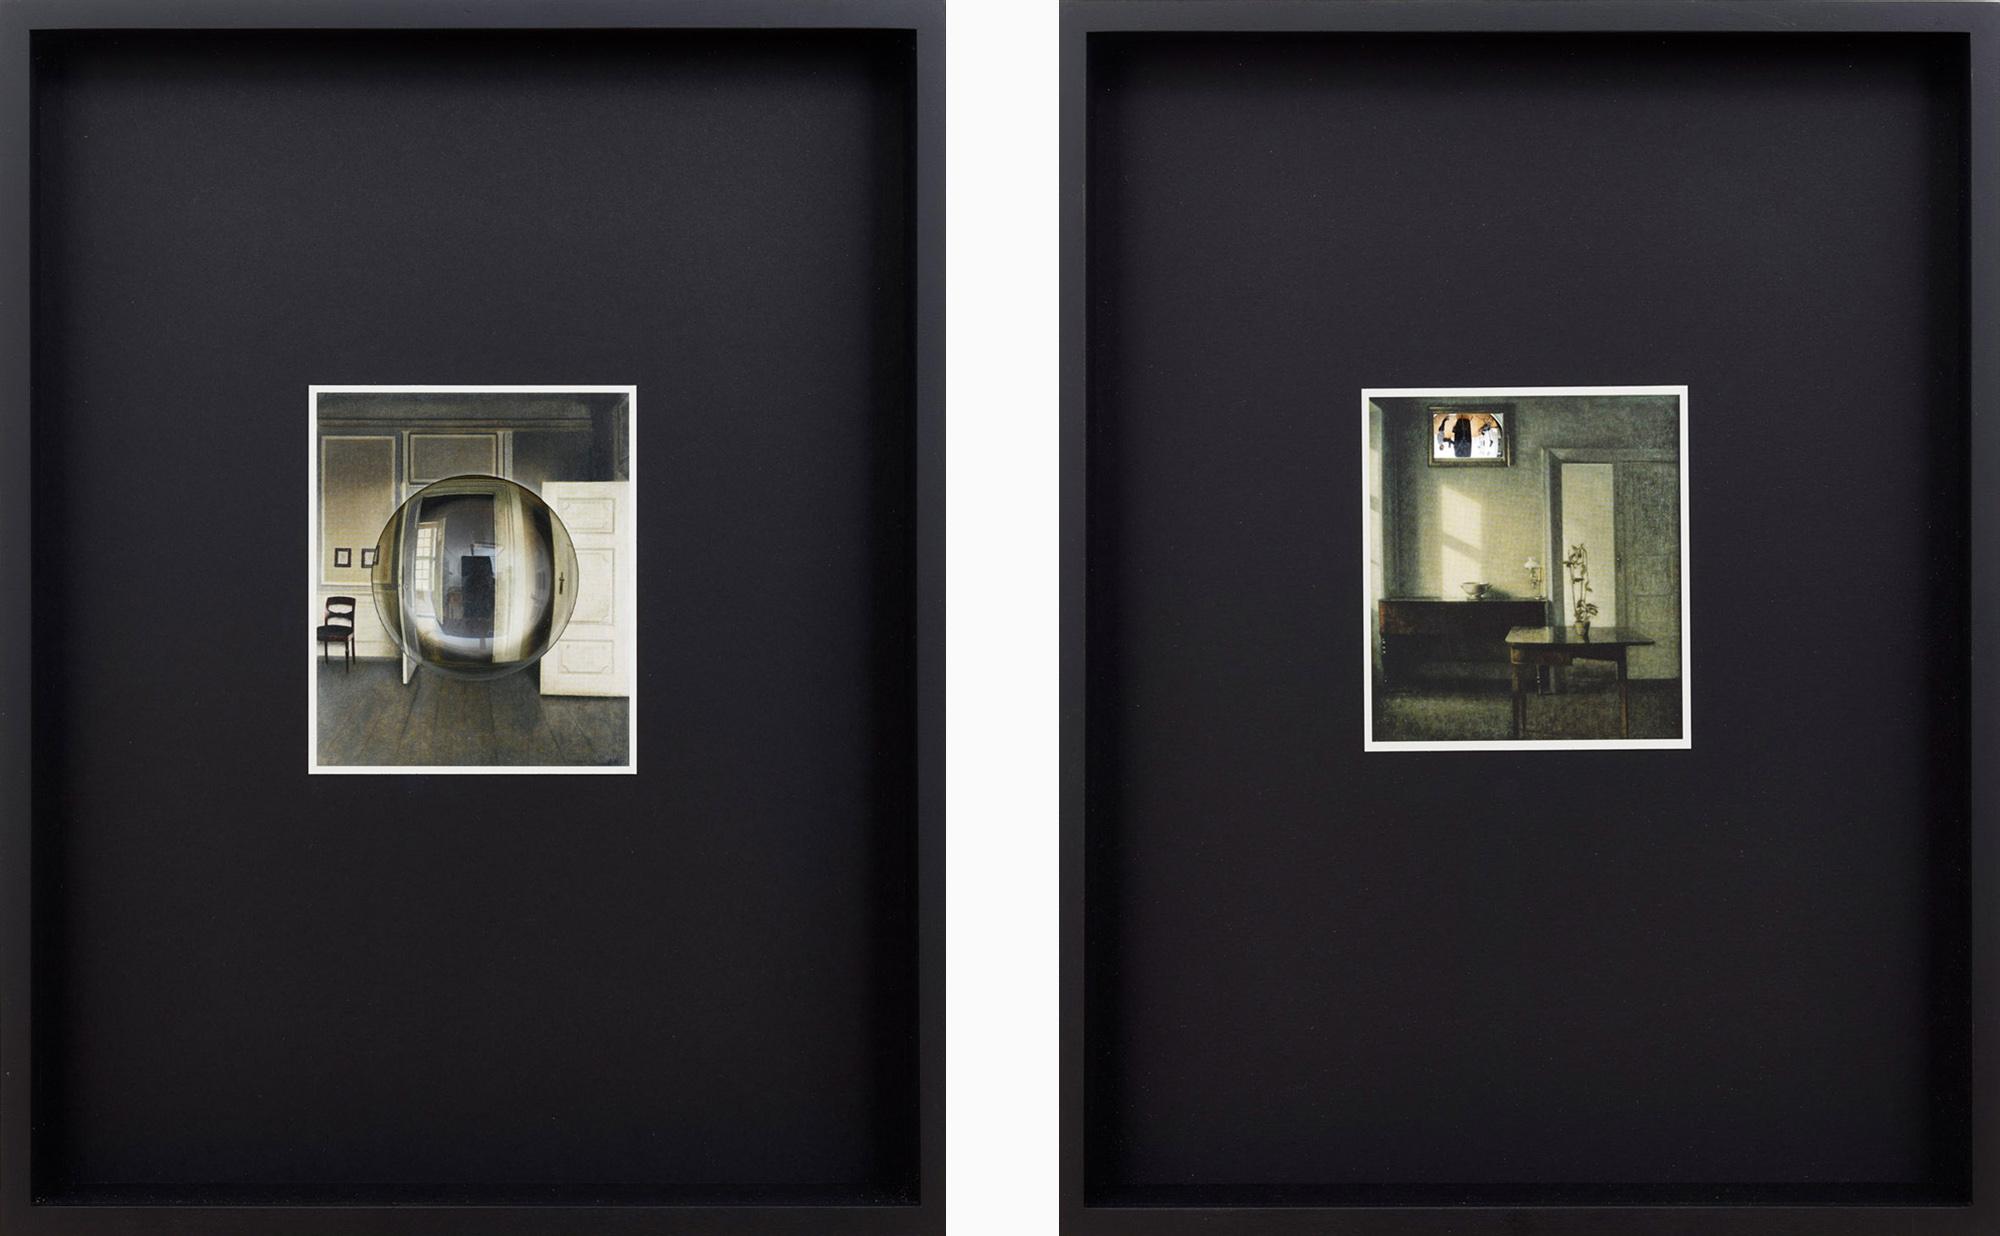 Ulrich Vogl | Hammershoi 3 / 4, 2017, Papier, Spiegel, Rahmen, je 38,5 x 29,5 x 5 cm